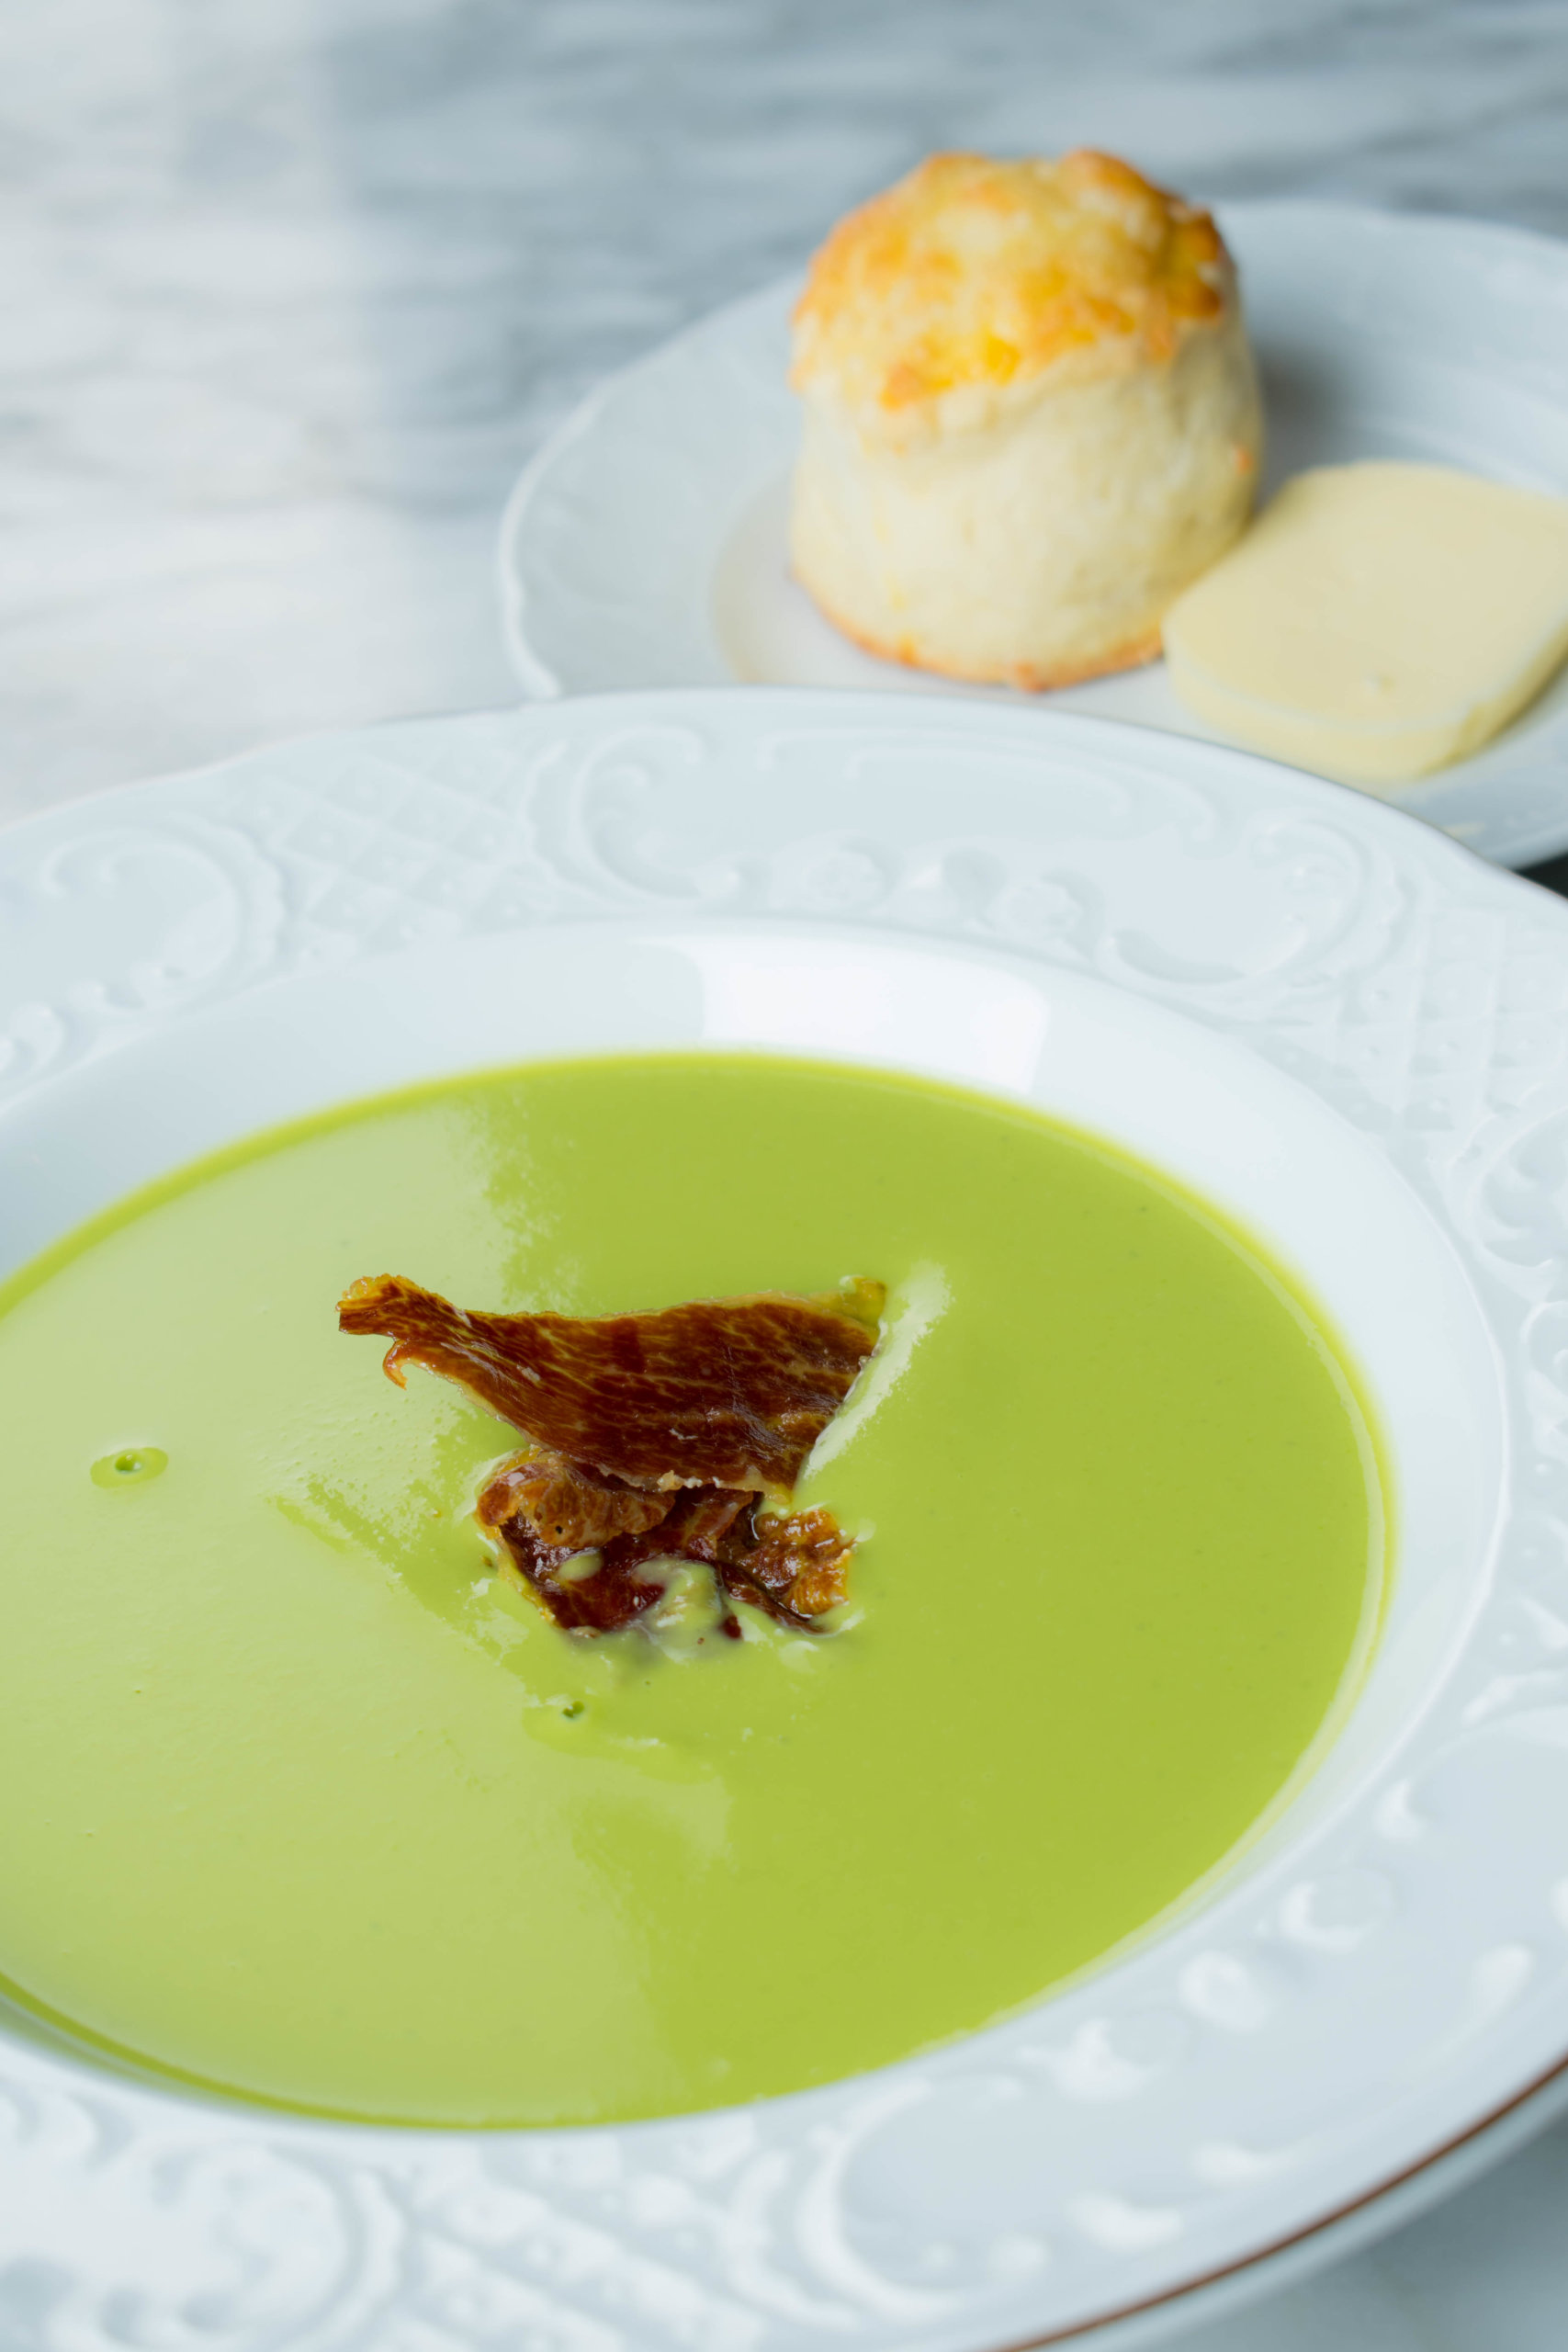 「綠義漫遊 遠眺英倫」以醇香酥脆的伊比利黑毛豬火腿帶出翠綠青豆濃湯的清新, 配以英國傳統司康鬆餅,各款口感交錯出不同的層次。